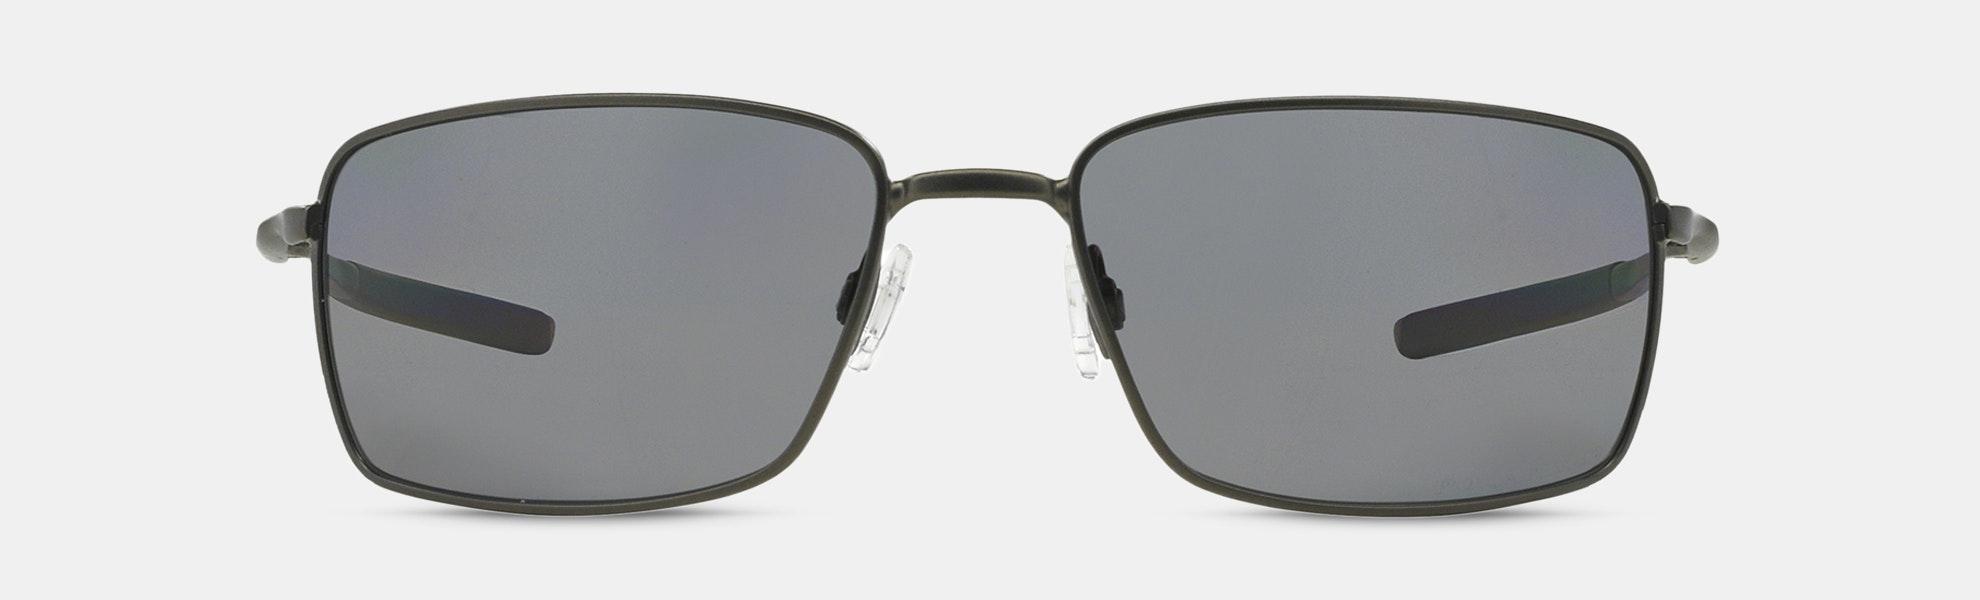 Oakley Square Wire Polarized Sunglasses